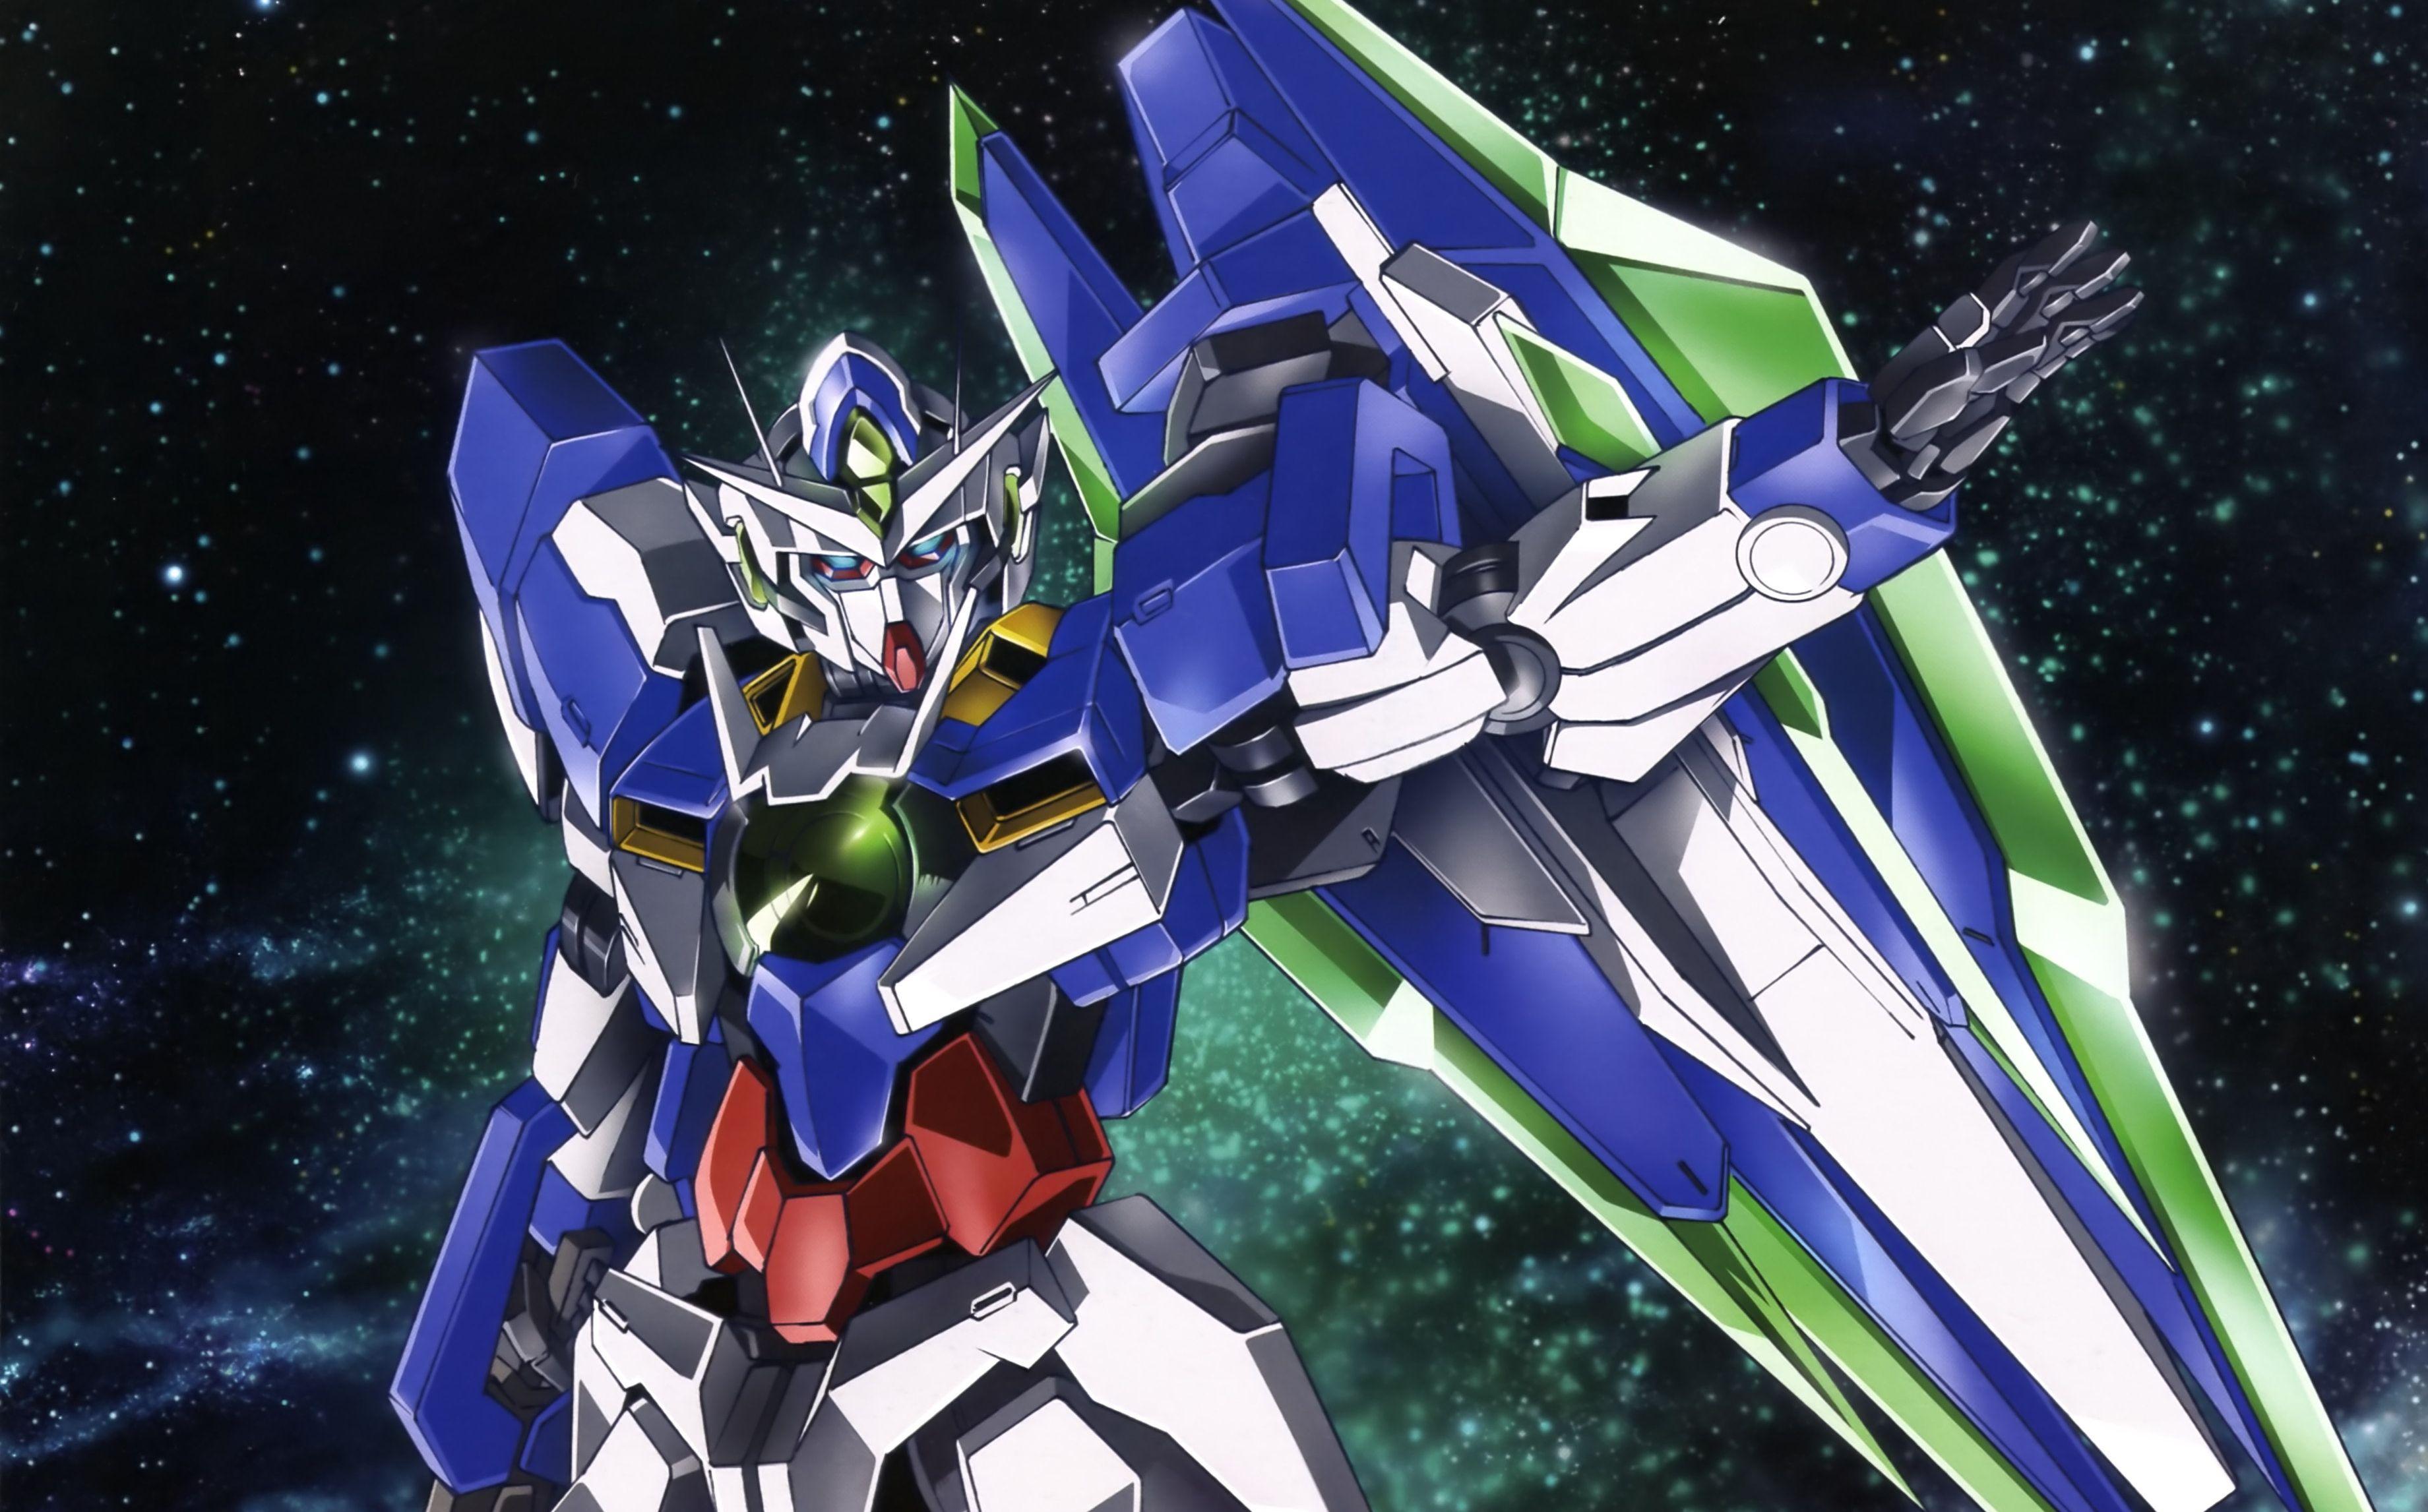 [机动战士高达00剧场版:先驱者的觉醒][720p/1080p][bdrip][中日双语